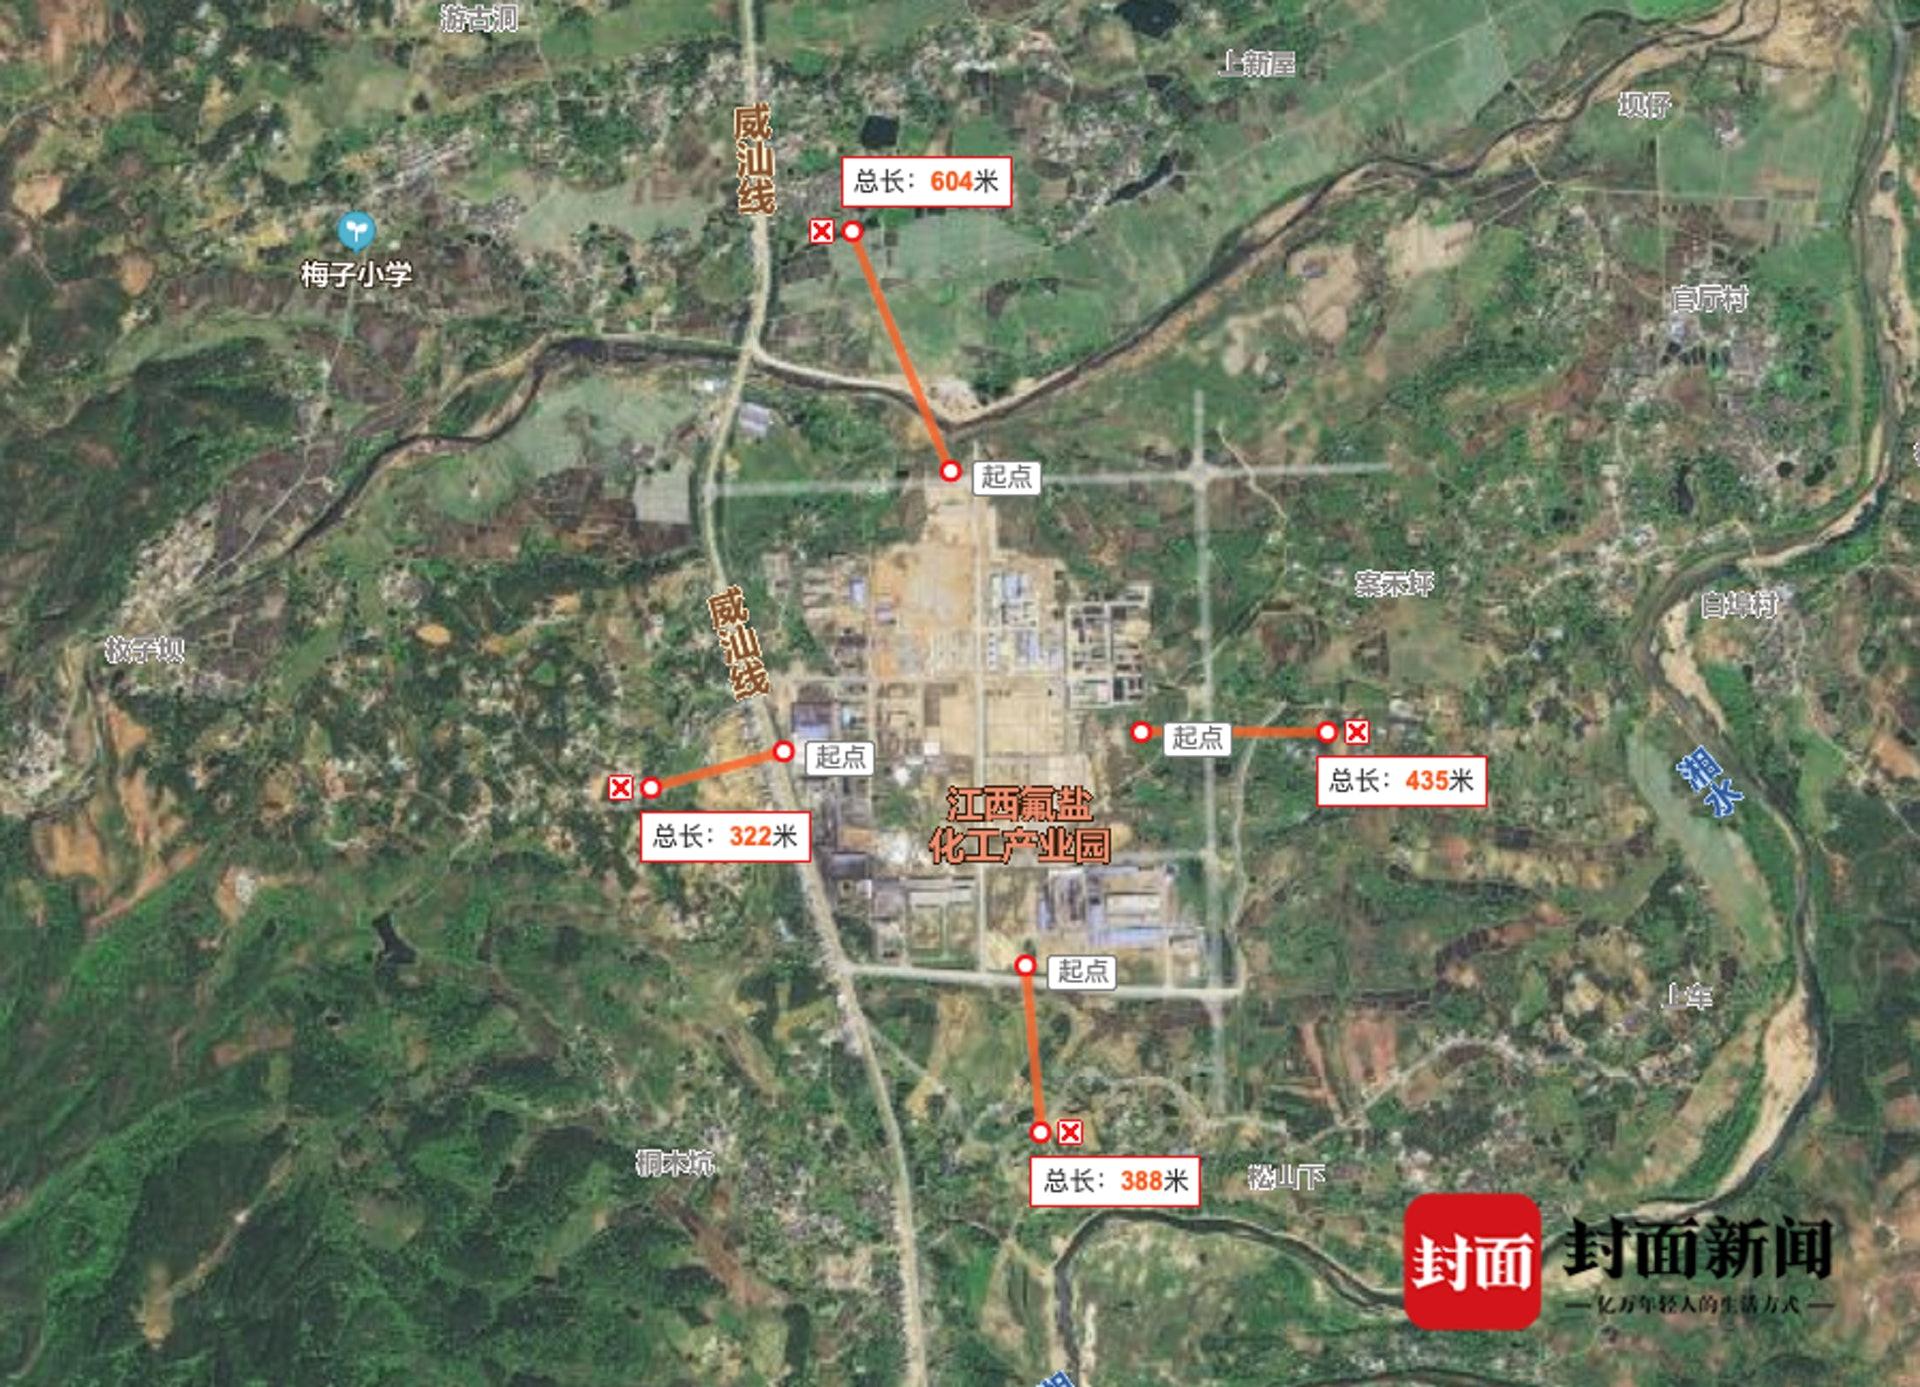 九二工業基地距離半崗村不足600米。(封面新聞)